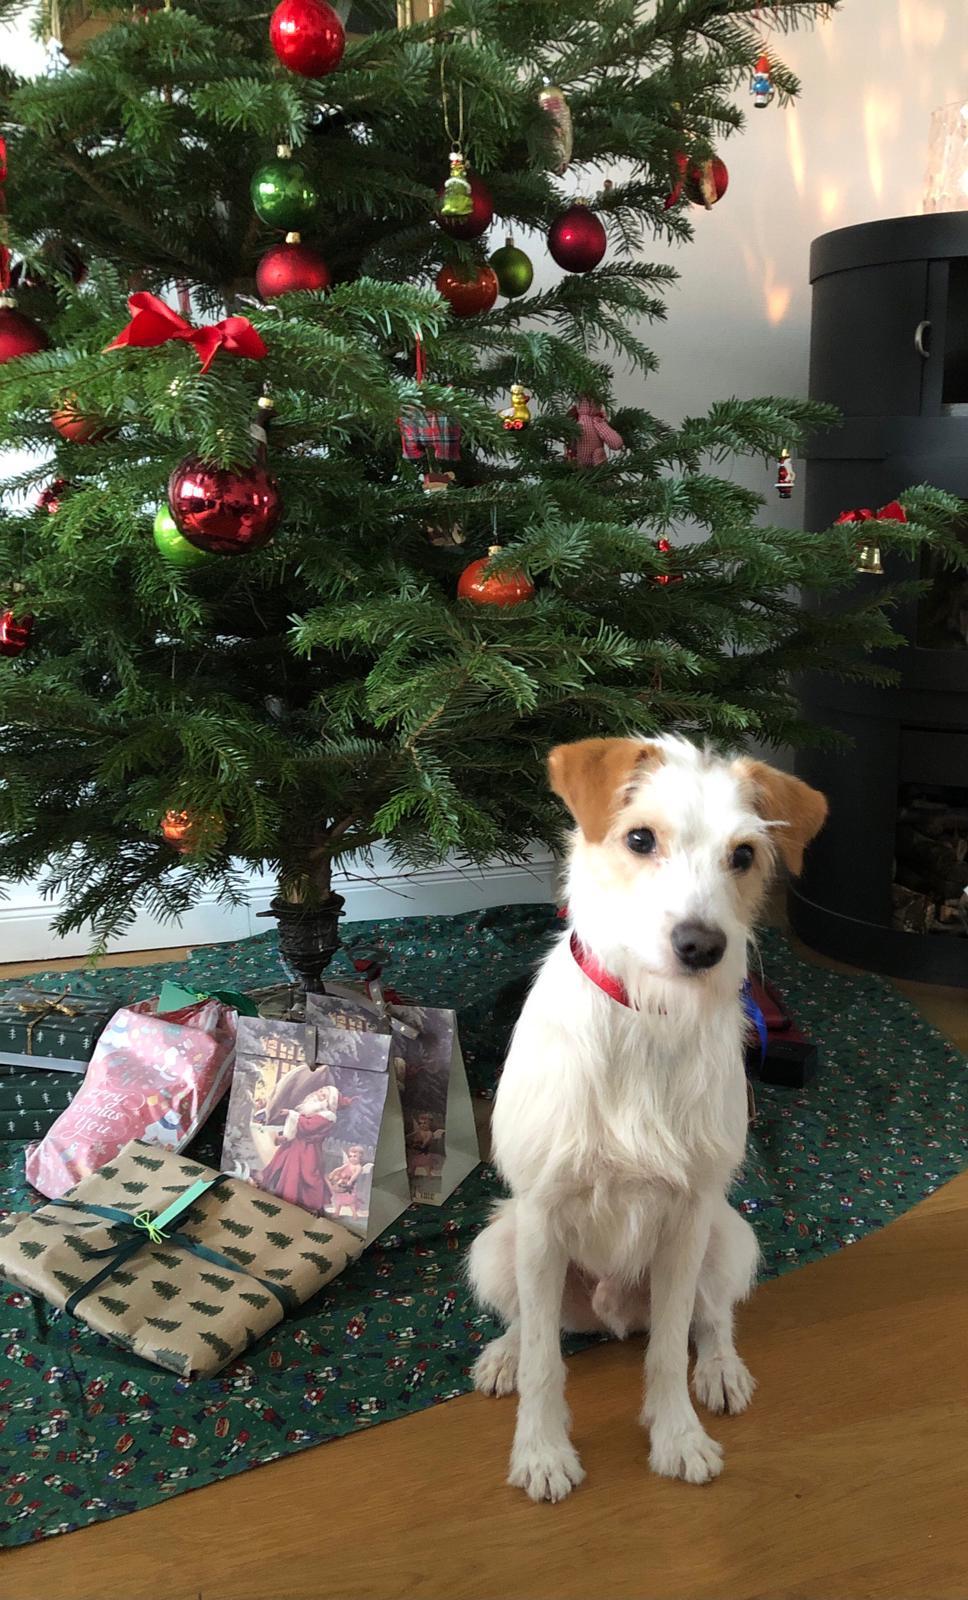 Anjo unterm Weihnachtsbaum